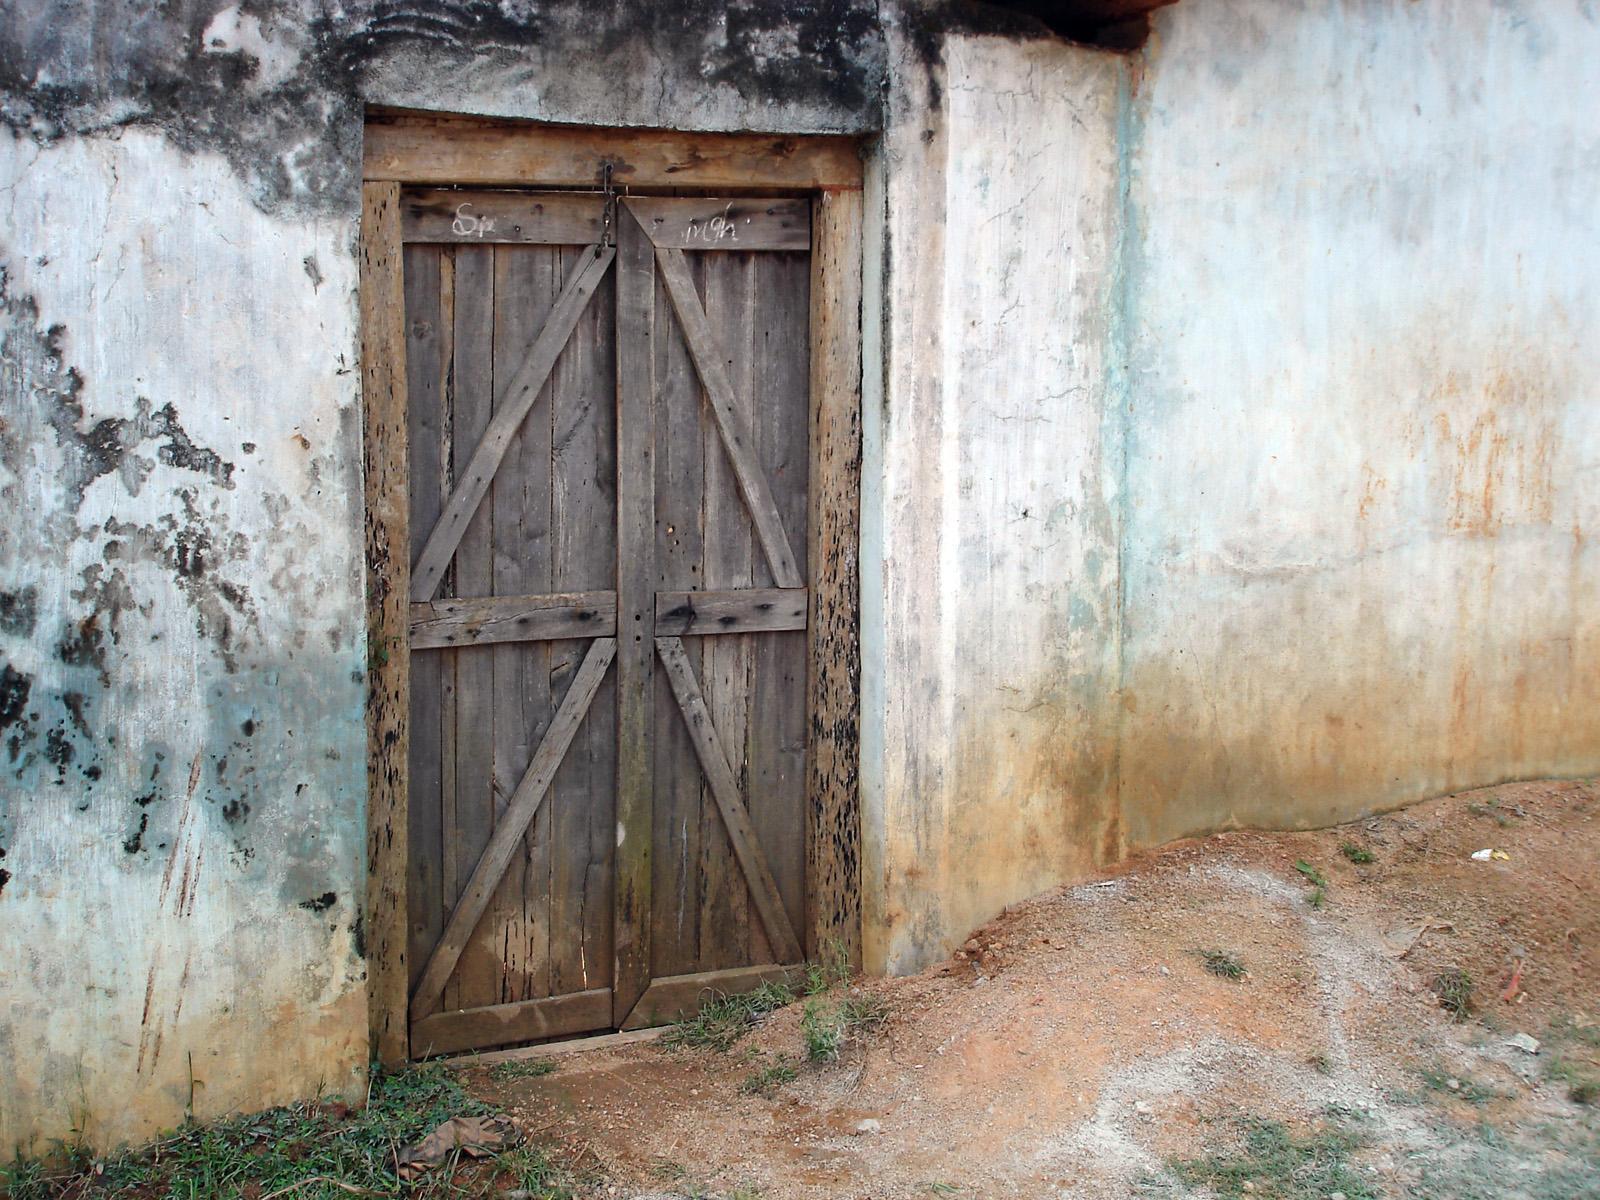 Nostalgic door, Broken, Bspo06, Building, Dirty, HQ Photo